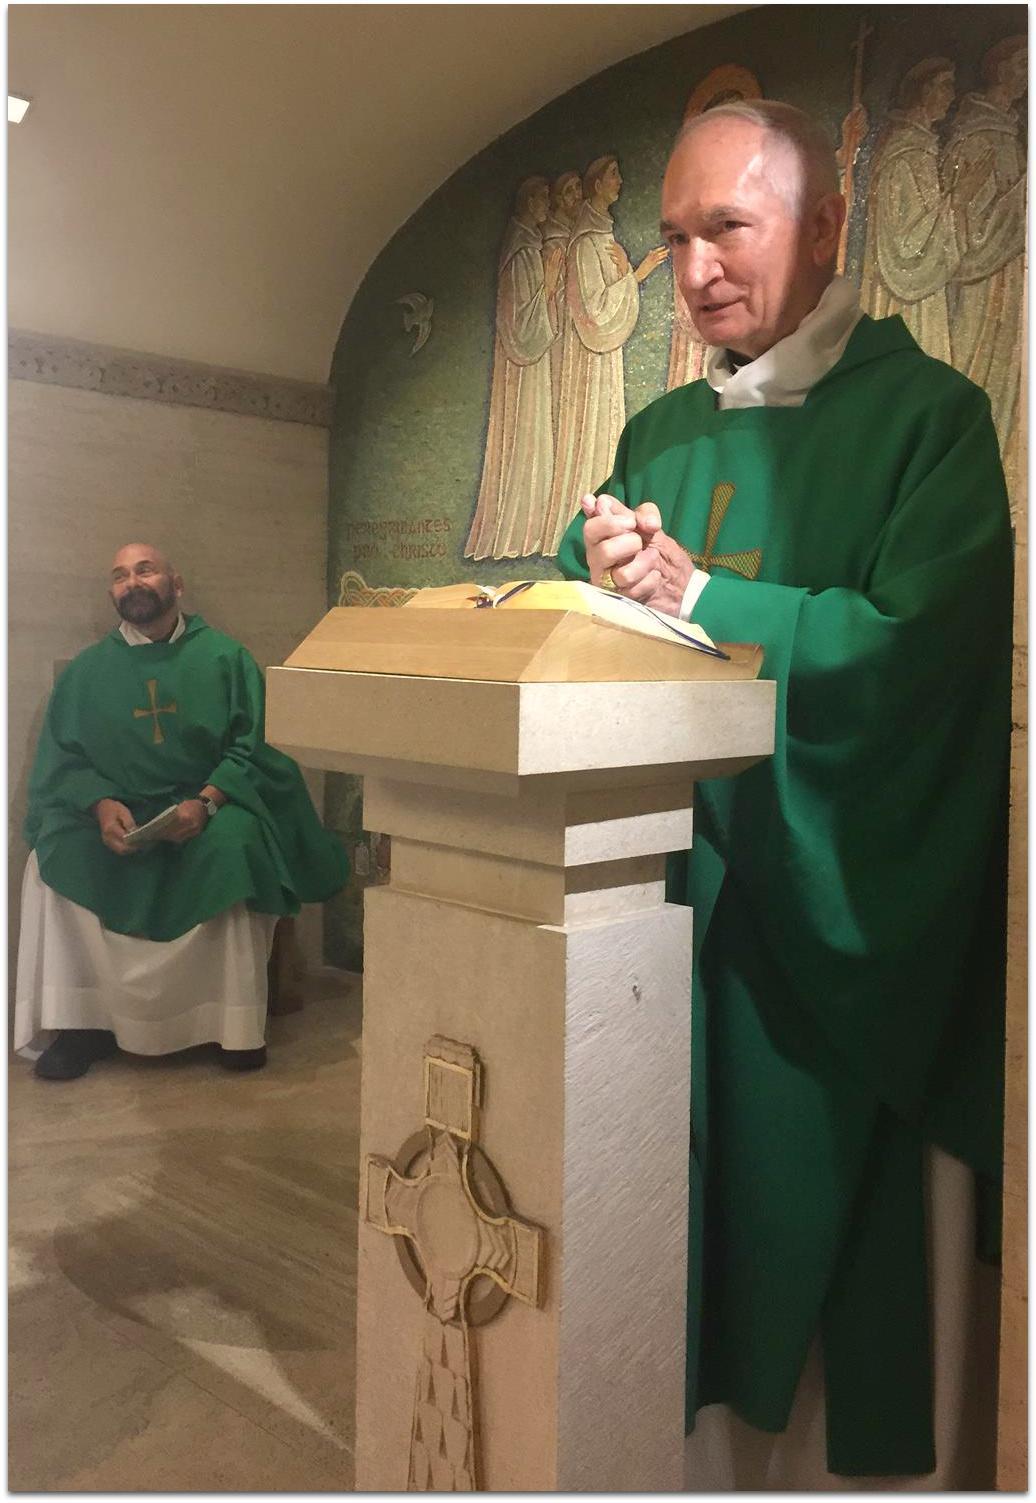 Archbishop Silviano Tomasi homily